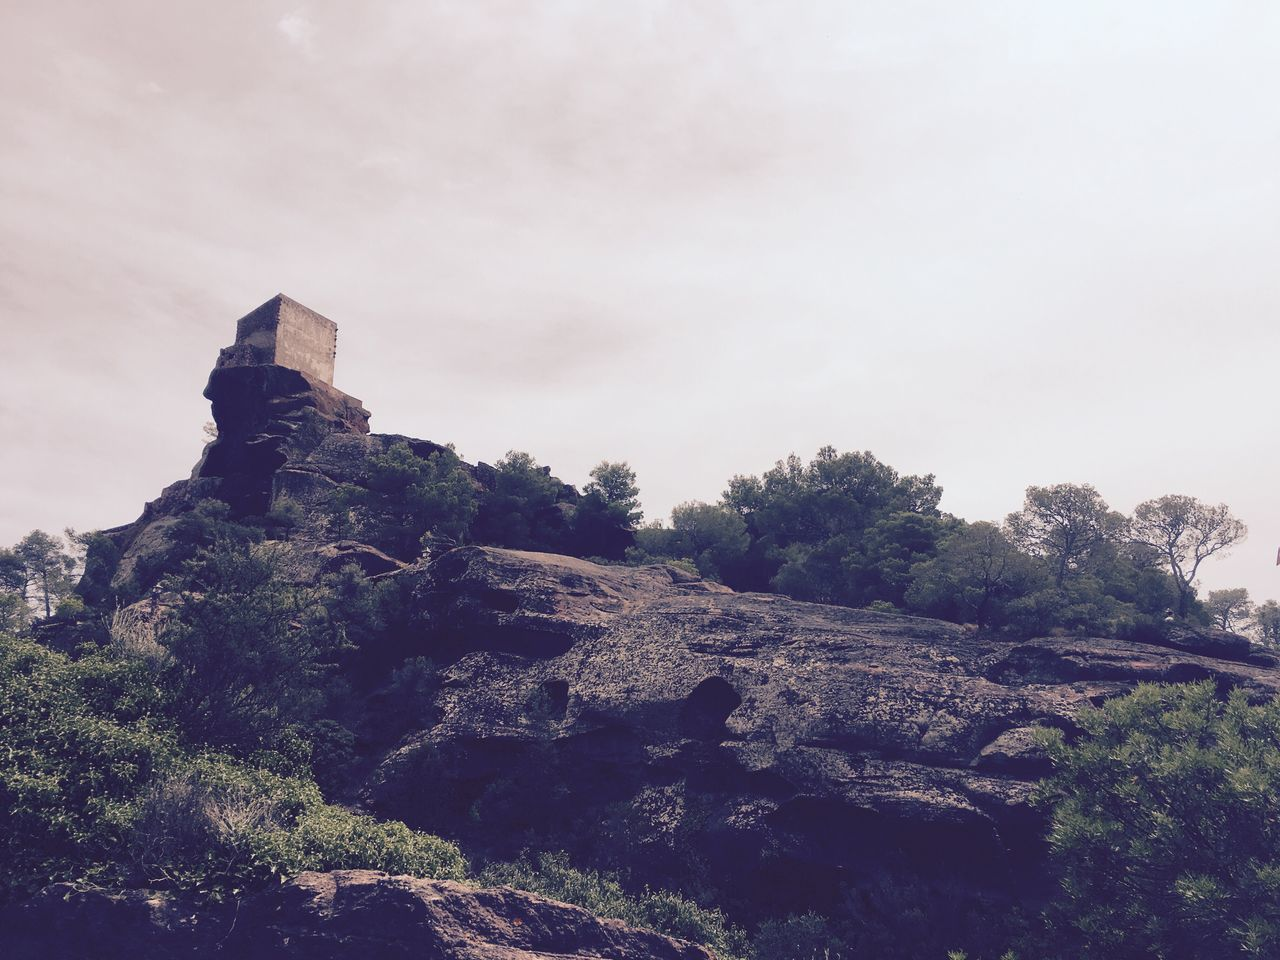 Mate de deu de la roca Ermita, Santuario Monte Campo Altura Cielo Nubes IPhone IPhone 6s Smartphone Photography Landscape